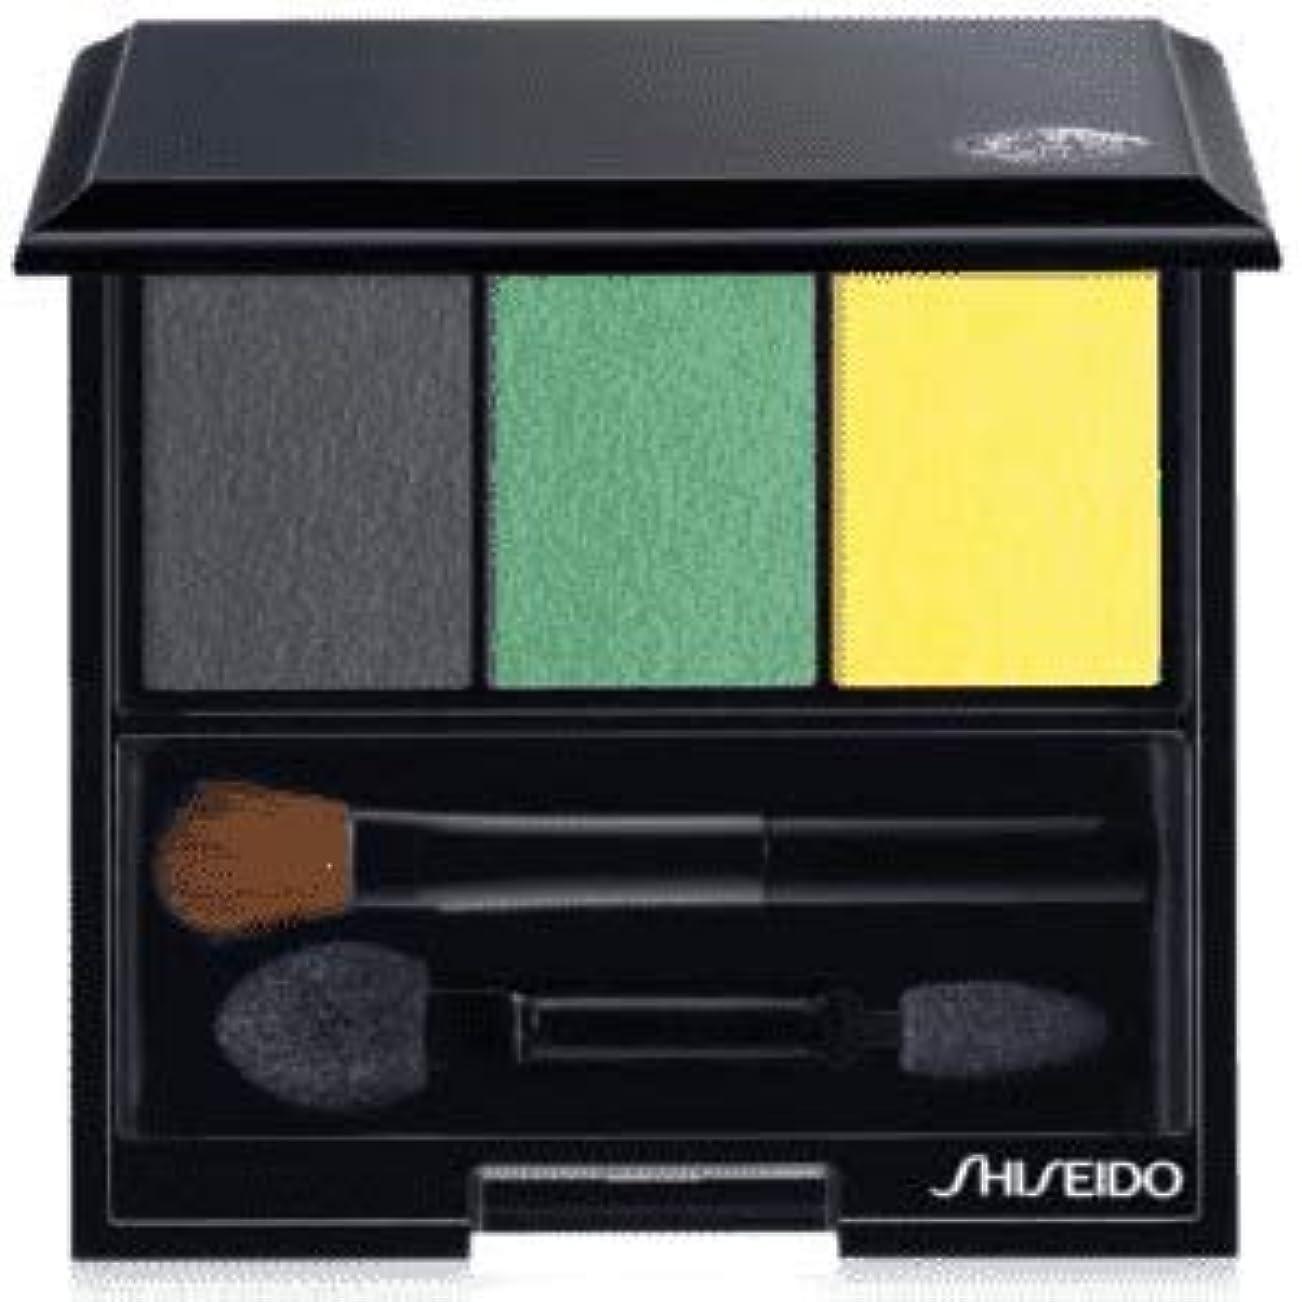 ヘアスクラブウォルターカニンガム資生堂 ルミナイジング サテン アイカラー トリオ GR716(Shiseido Luminizing Satin Eye Color Trio GR716) [並行輸入品]